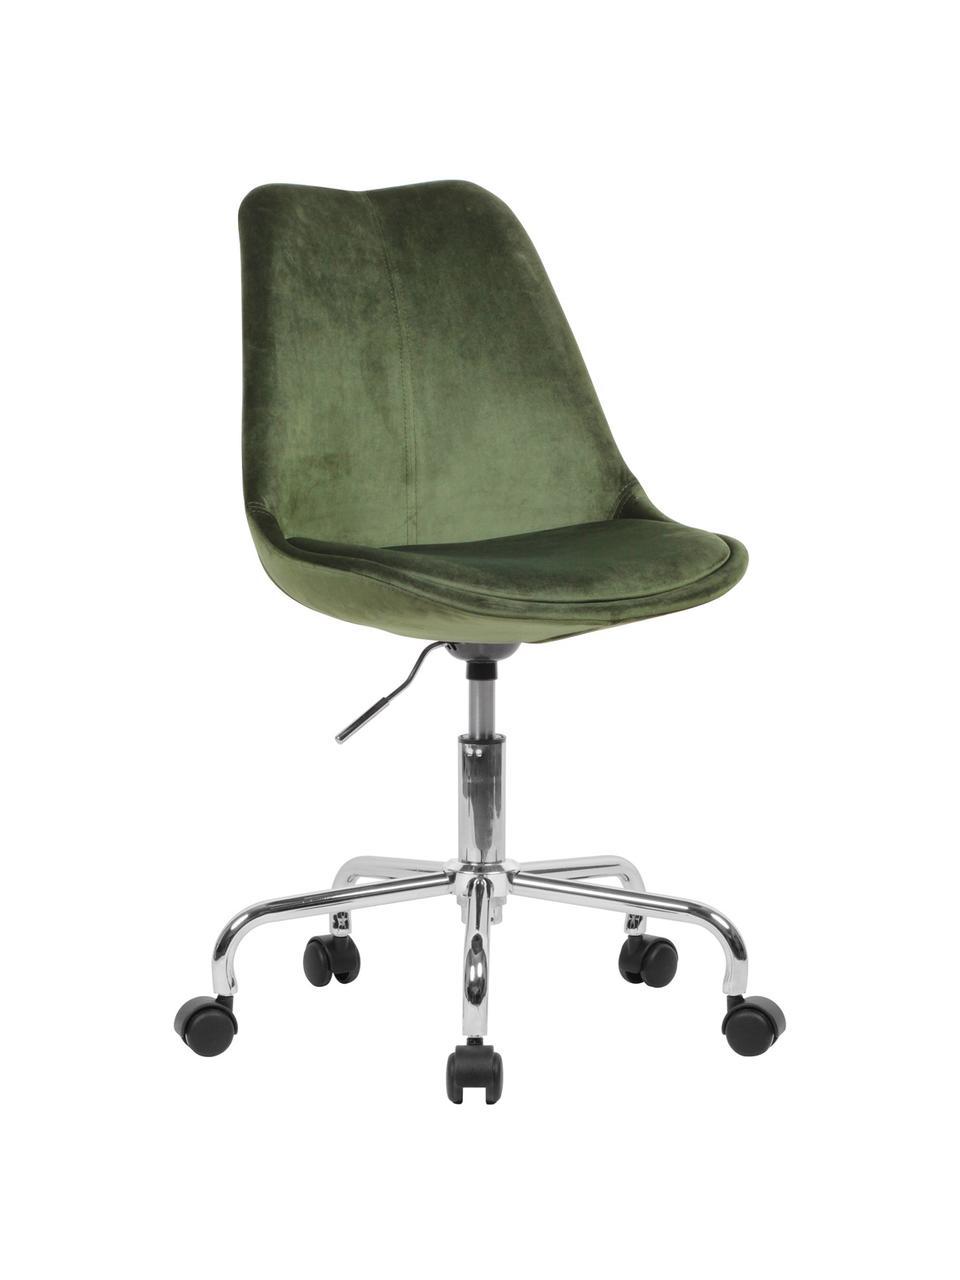 Biurowe krzesło obrotowe z aksamitu Lenka, Tapicerka: aksamit, Stelaż: metal chromowany, Aksamitny zielony, S 65 x G 56 cm